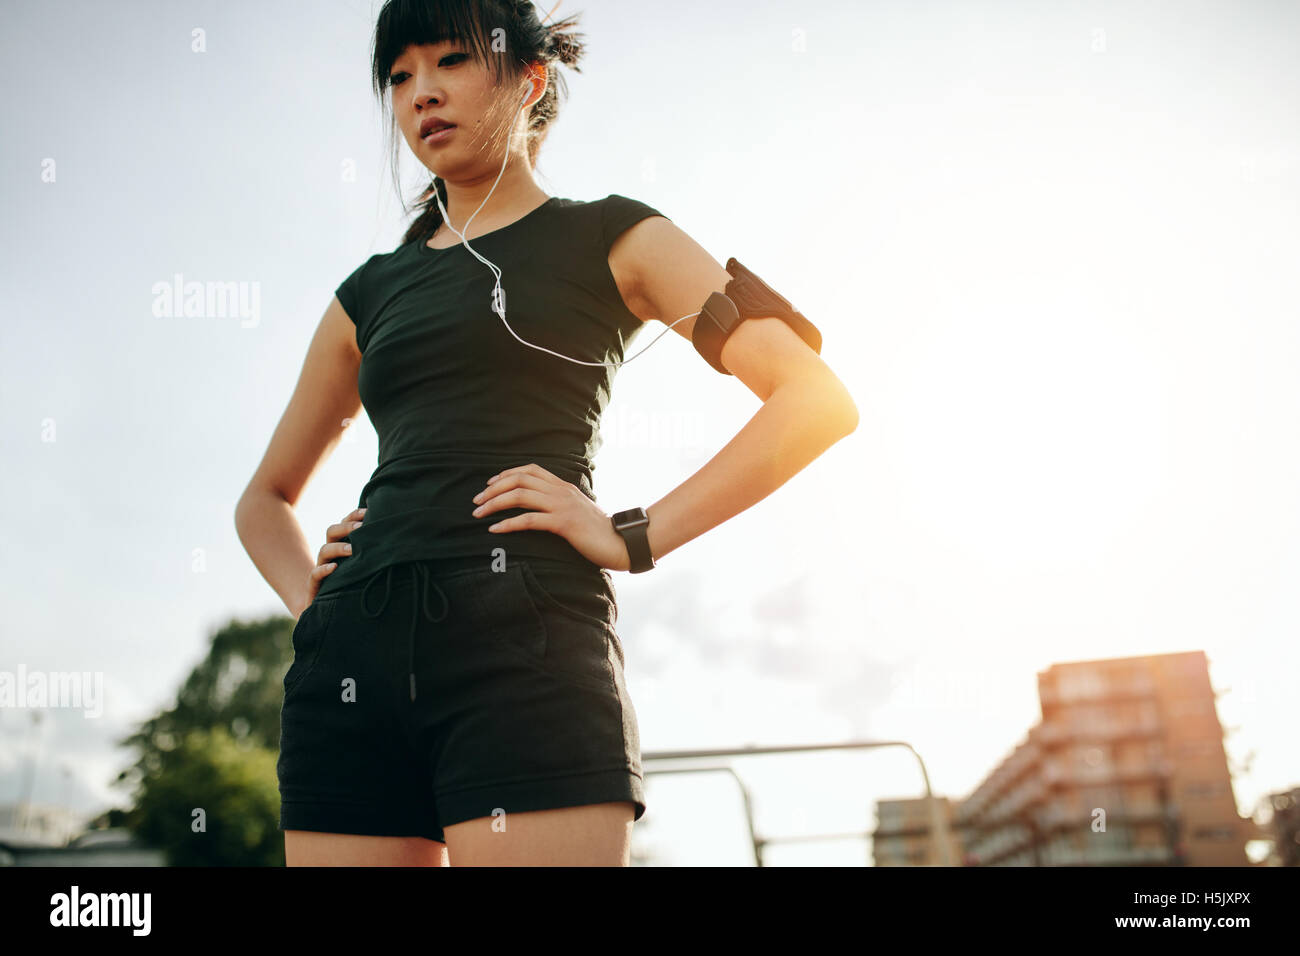 Foto de joven mujer china tomando un descanso durante una mañana. Fitness femenino al aire libre permanente Imagen De Stock